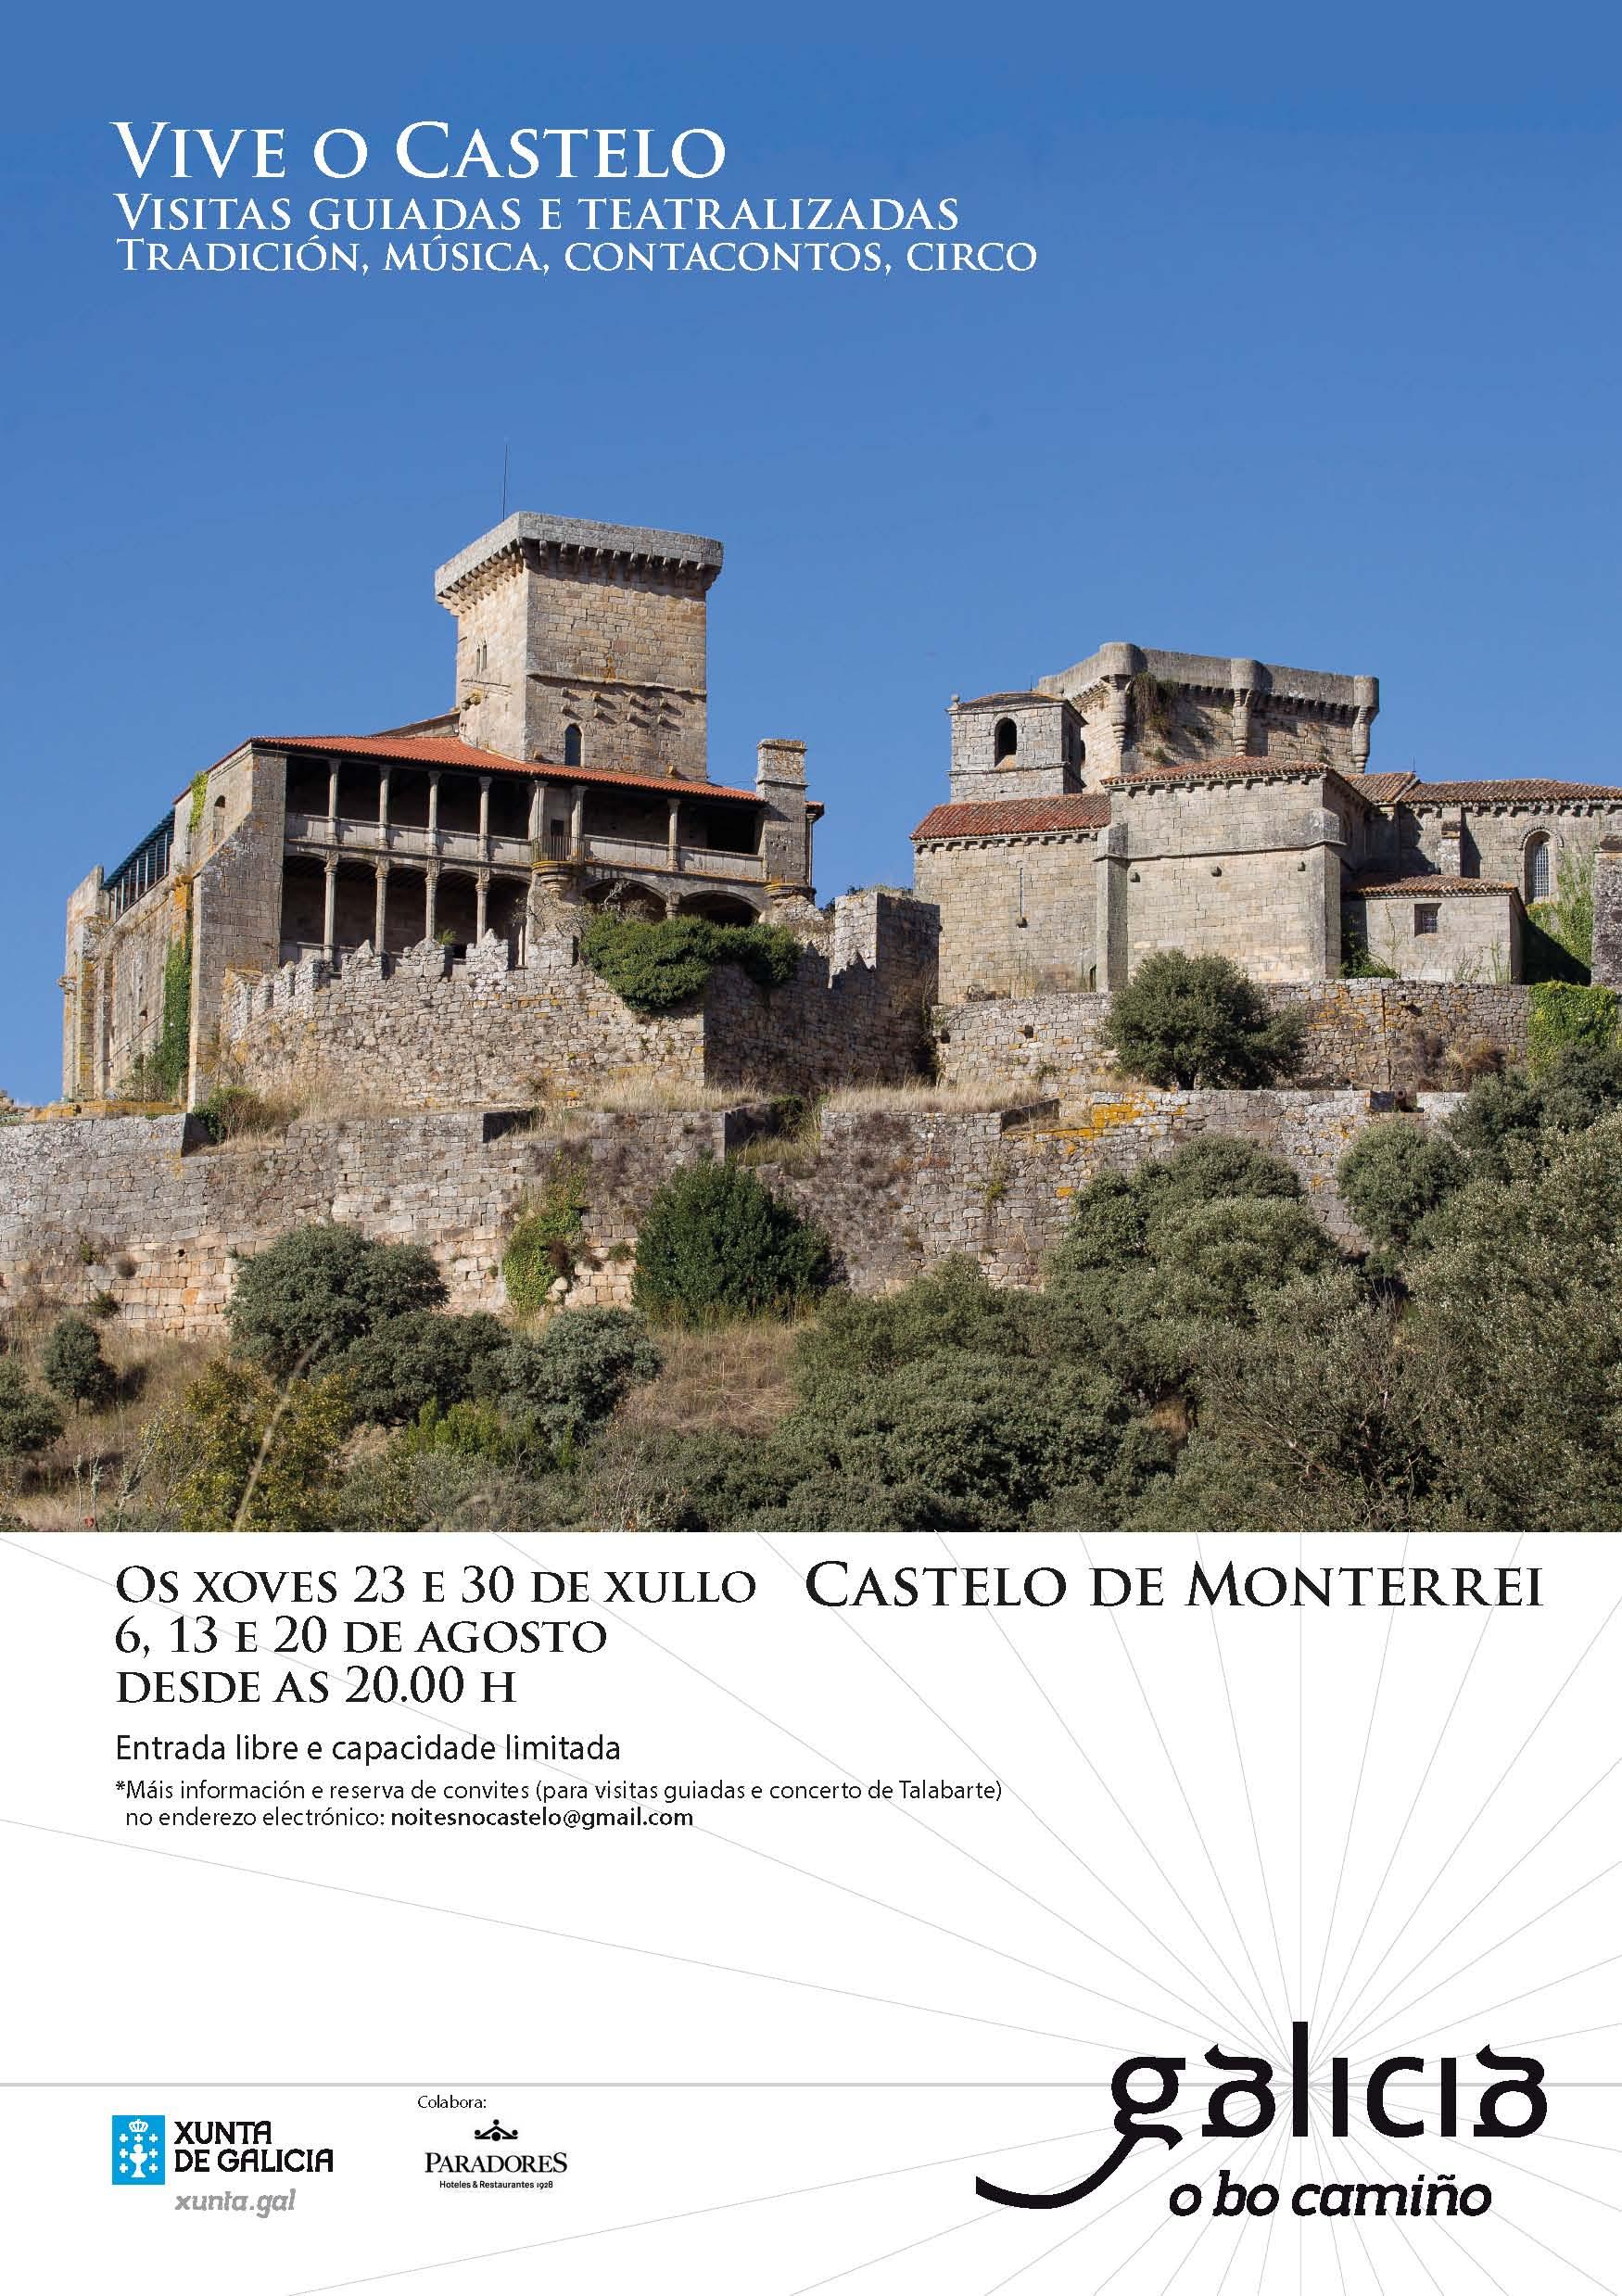 Visitas guiadas y teatralizadas para dinamizar turísticamente a o Castelo de Monterrei